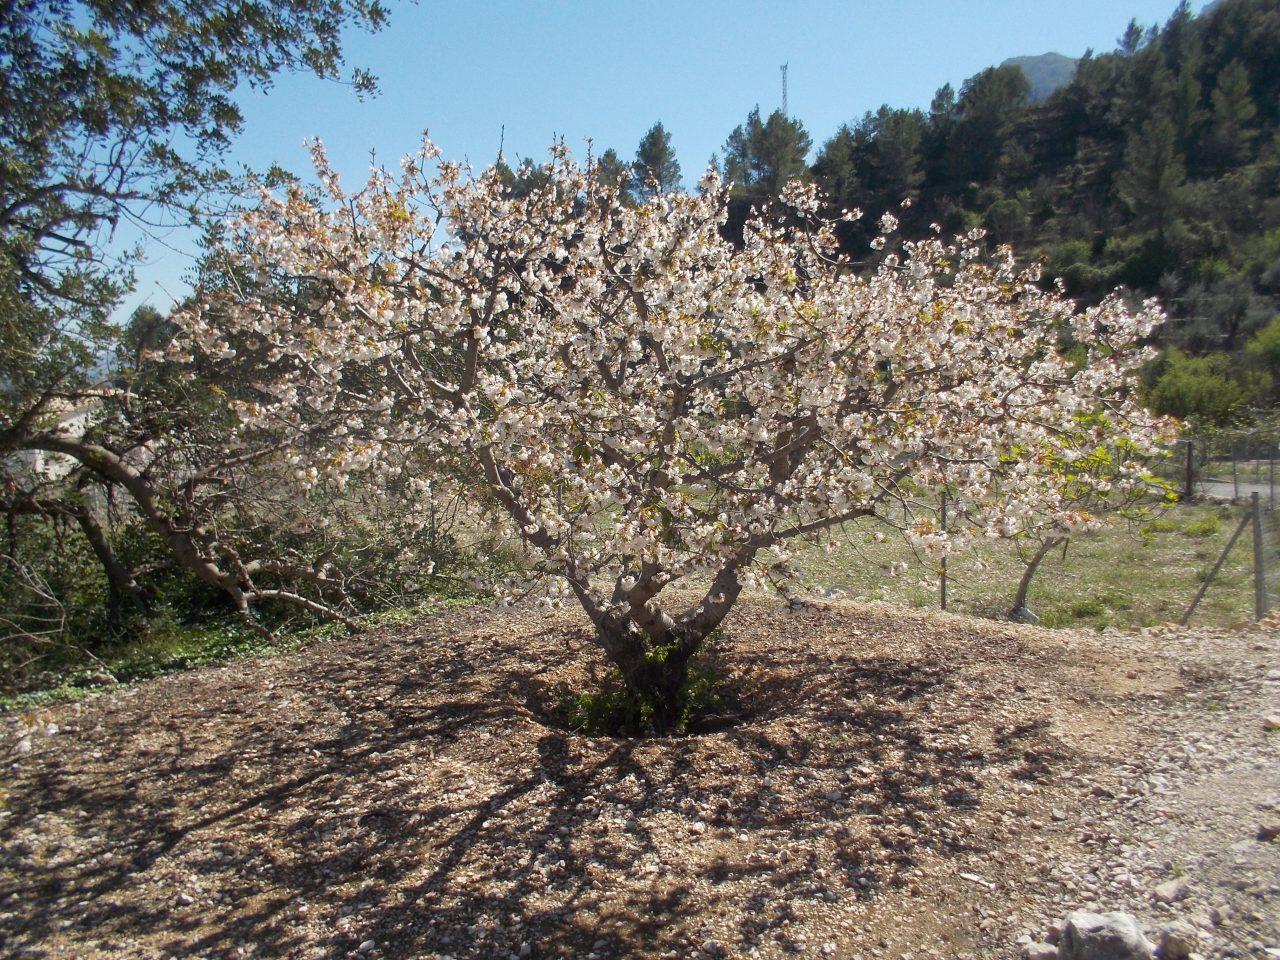 Por doquier los cerezos en flor dando la bienvenida a la primavera